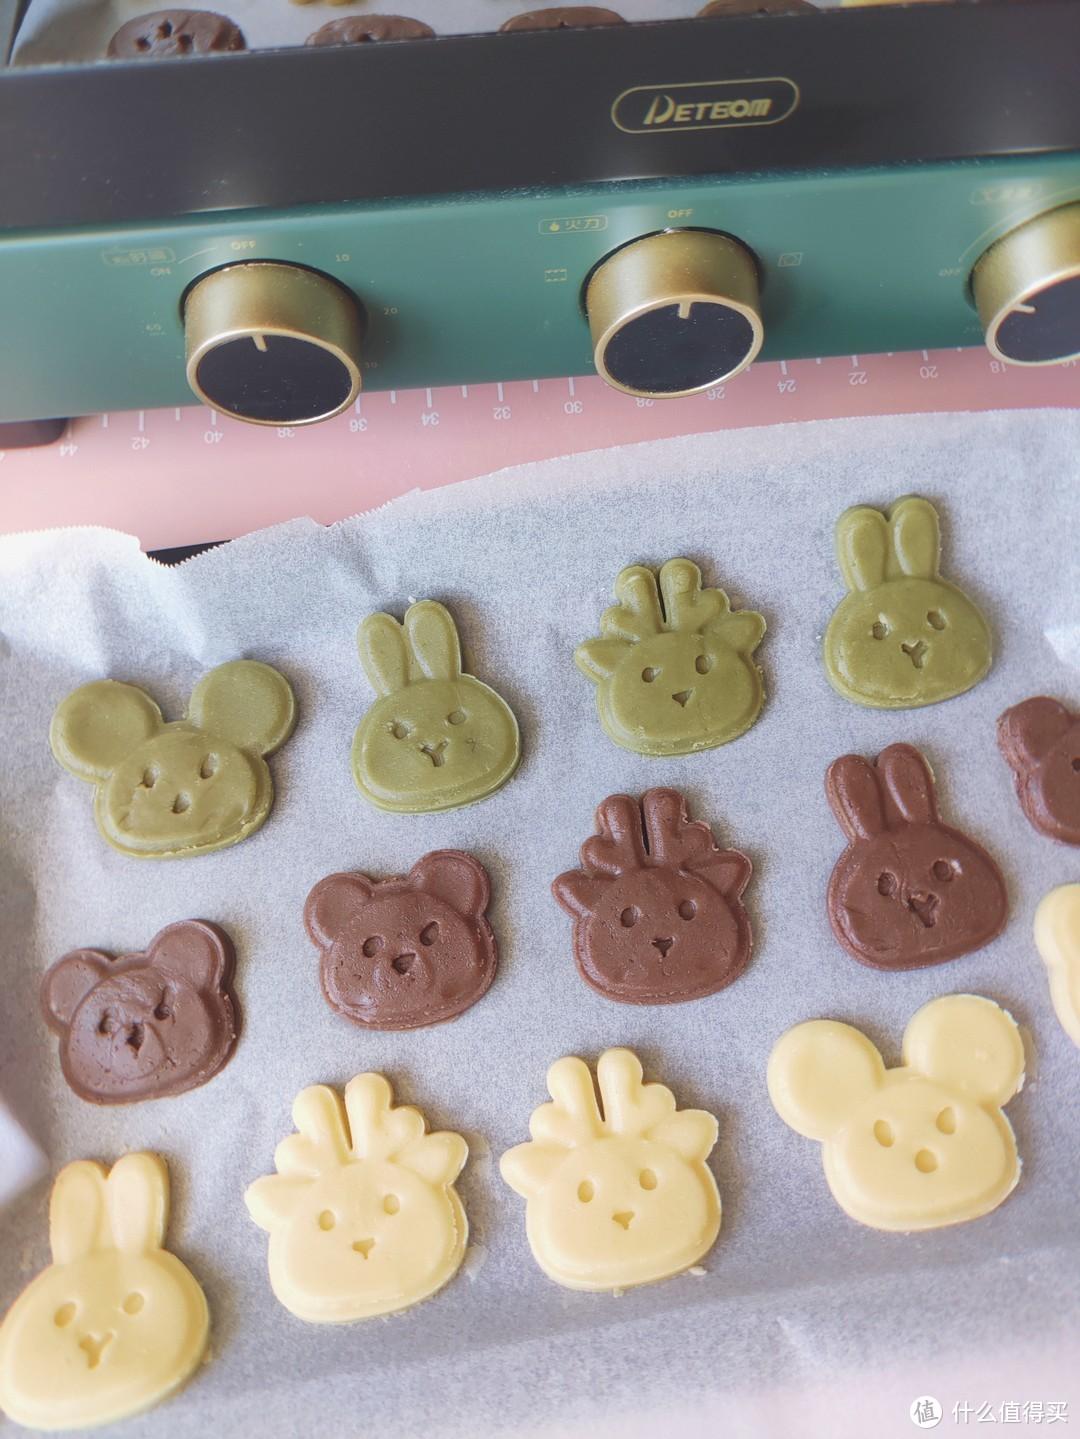 小朋友们都喜欢,小动物饼干,超可爱